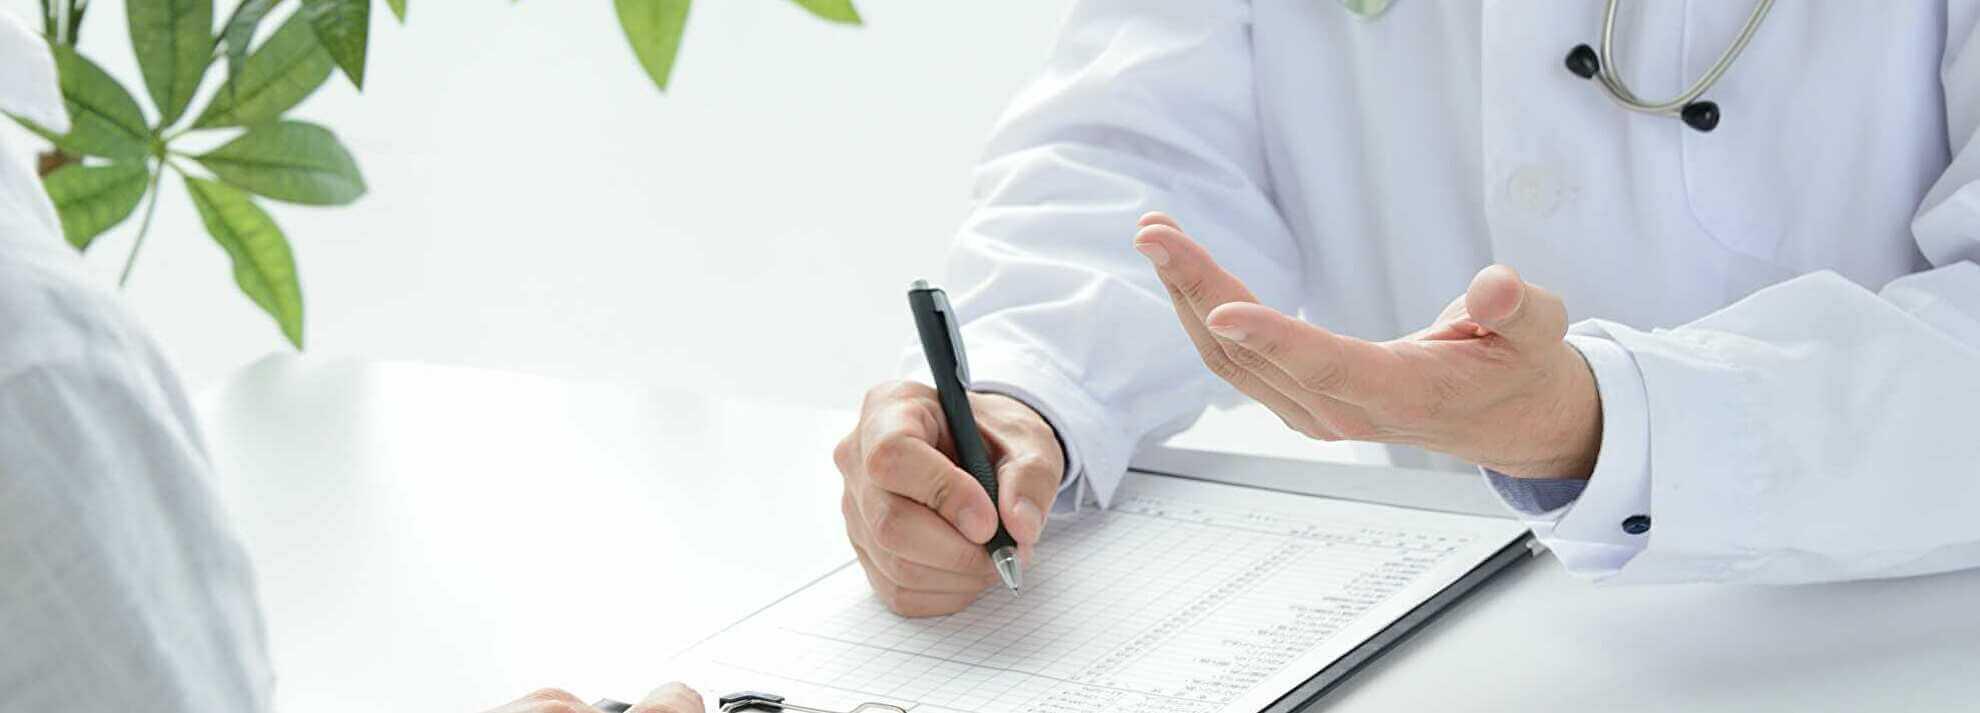 乳がん検診の結果について